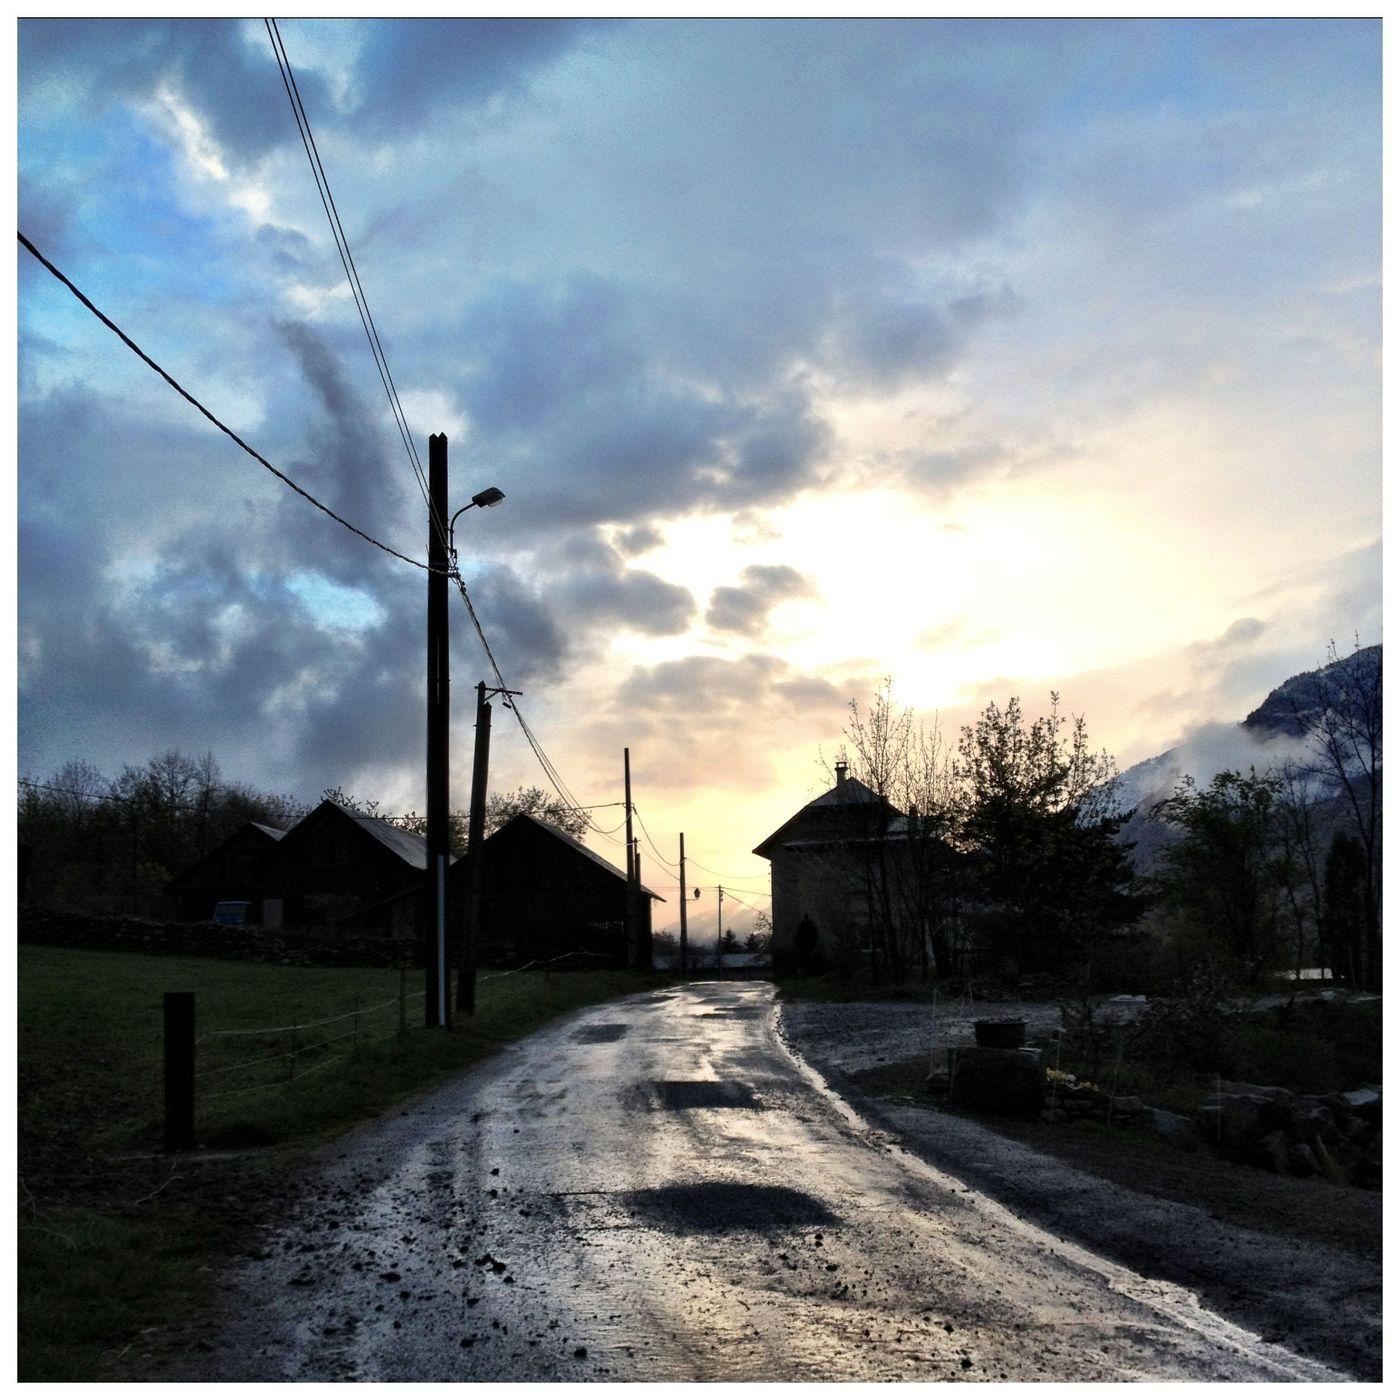 France. Savoie. Village.